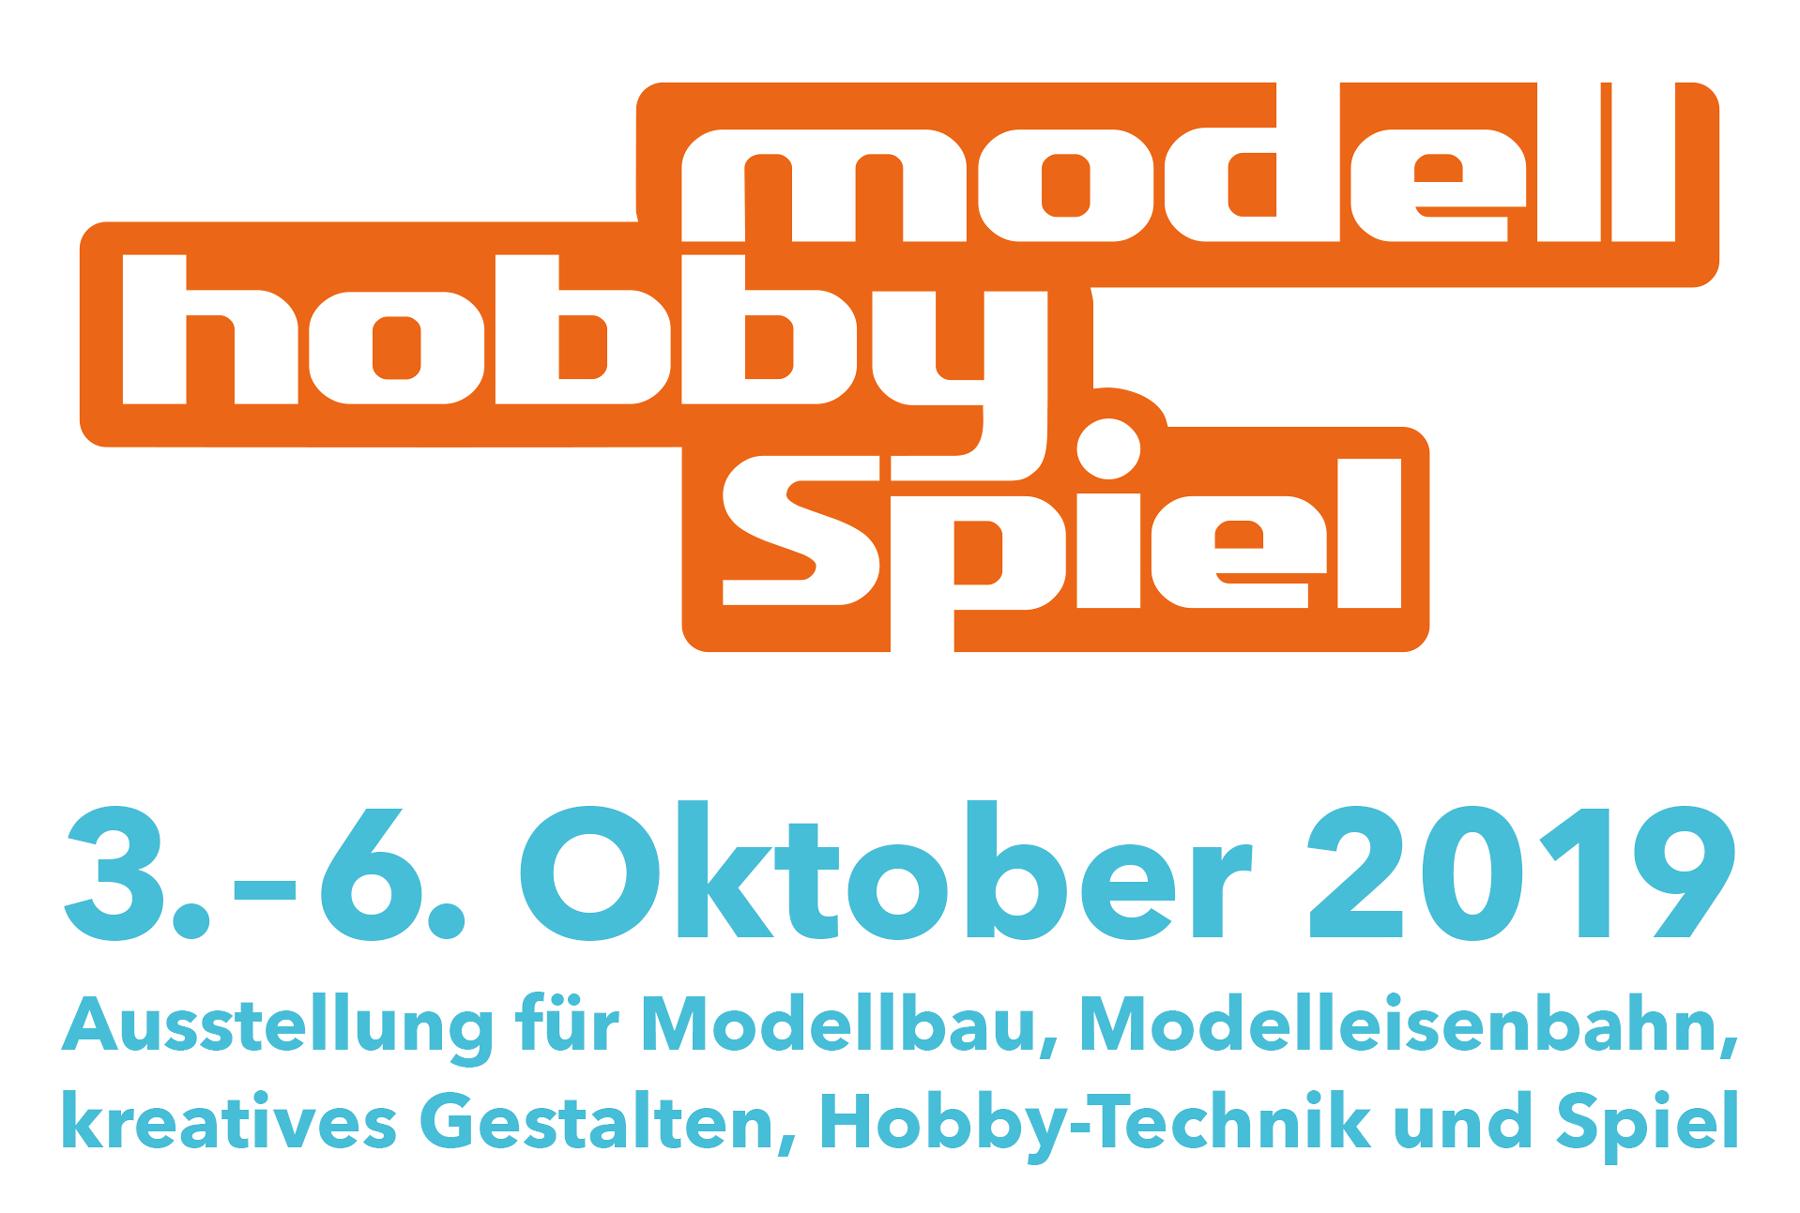 modell-hobby-spiel_logo-datum-weiss